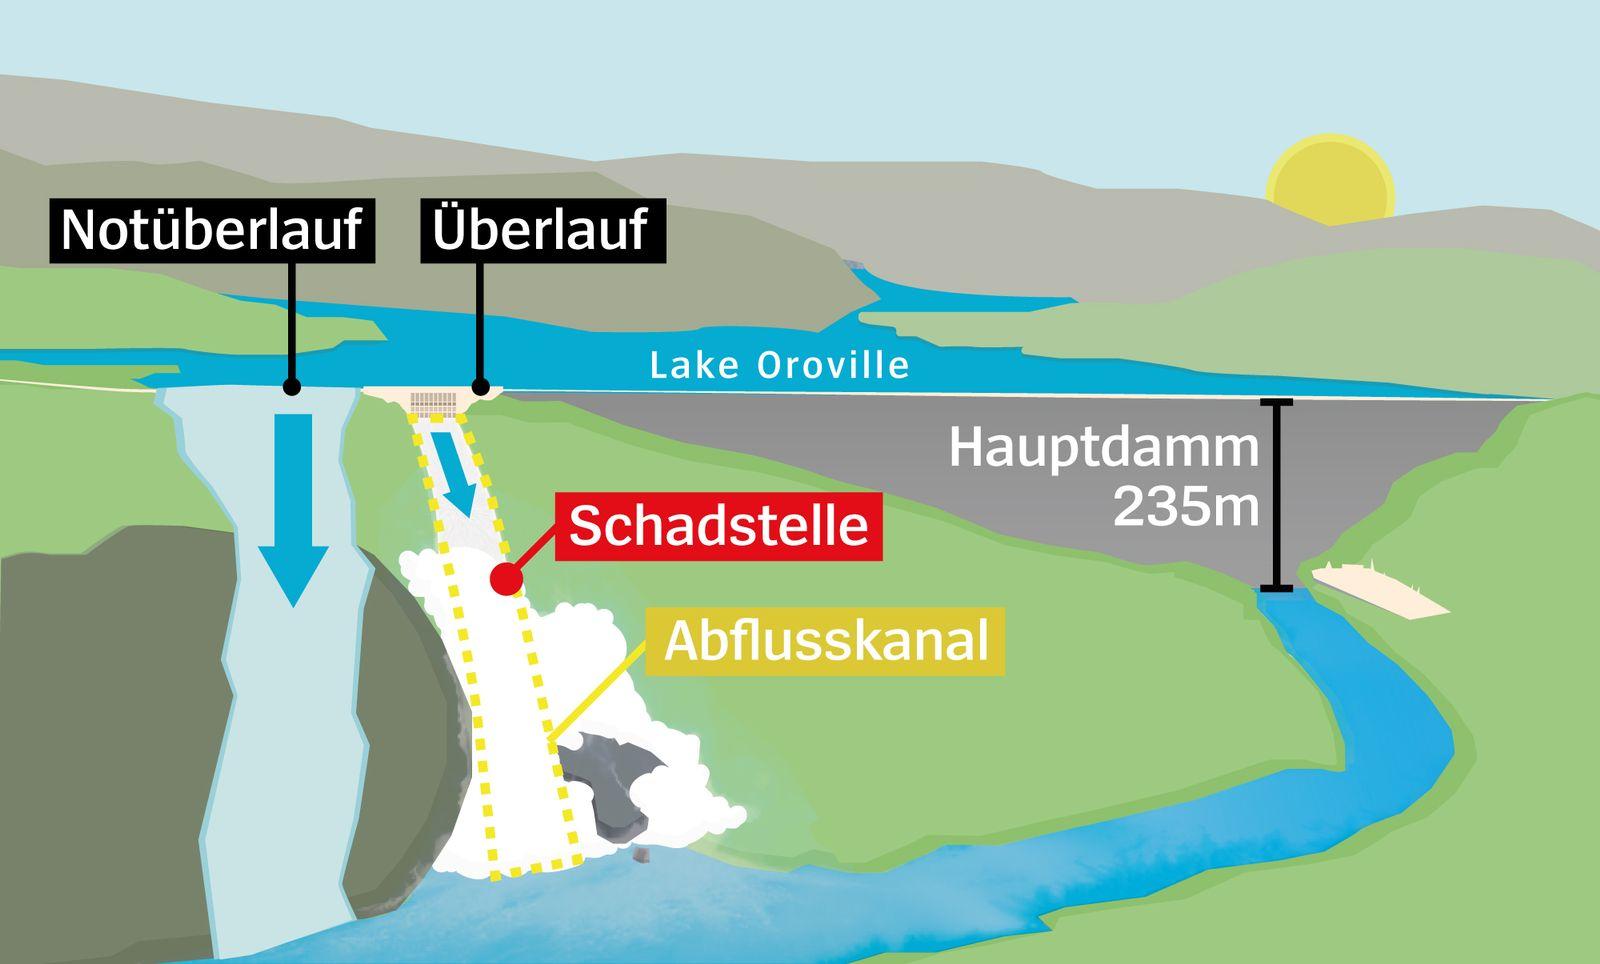 Oroville-Staudamm